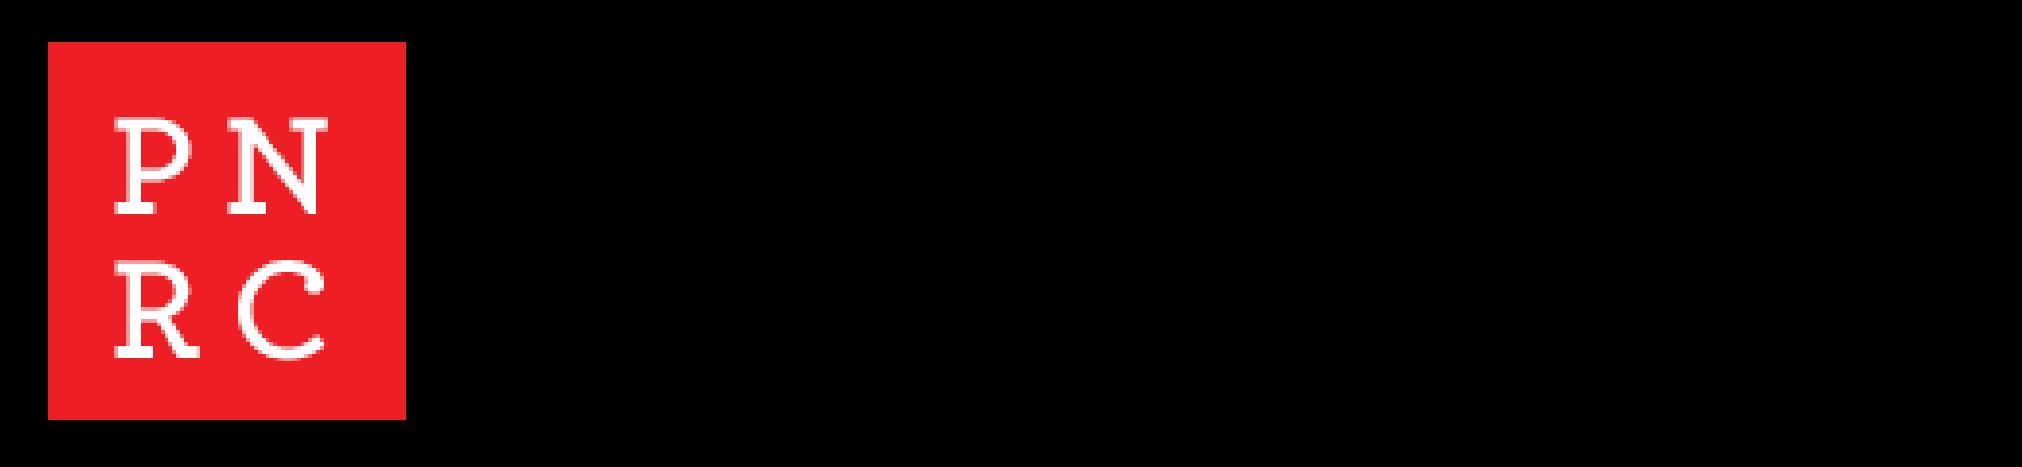 PNRC Logo